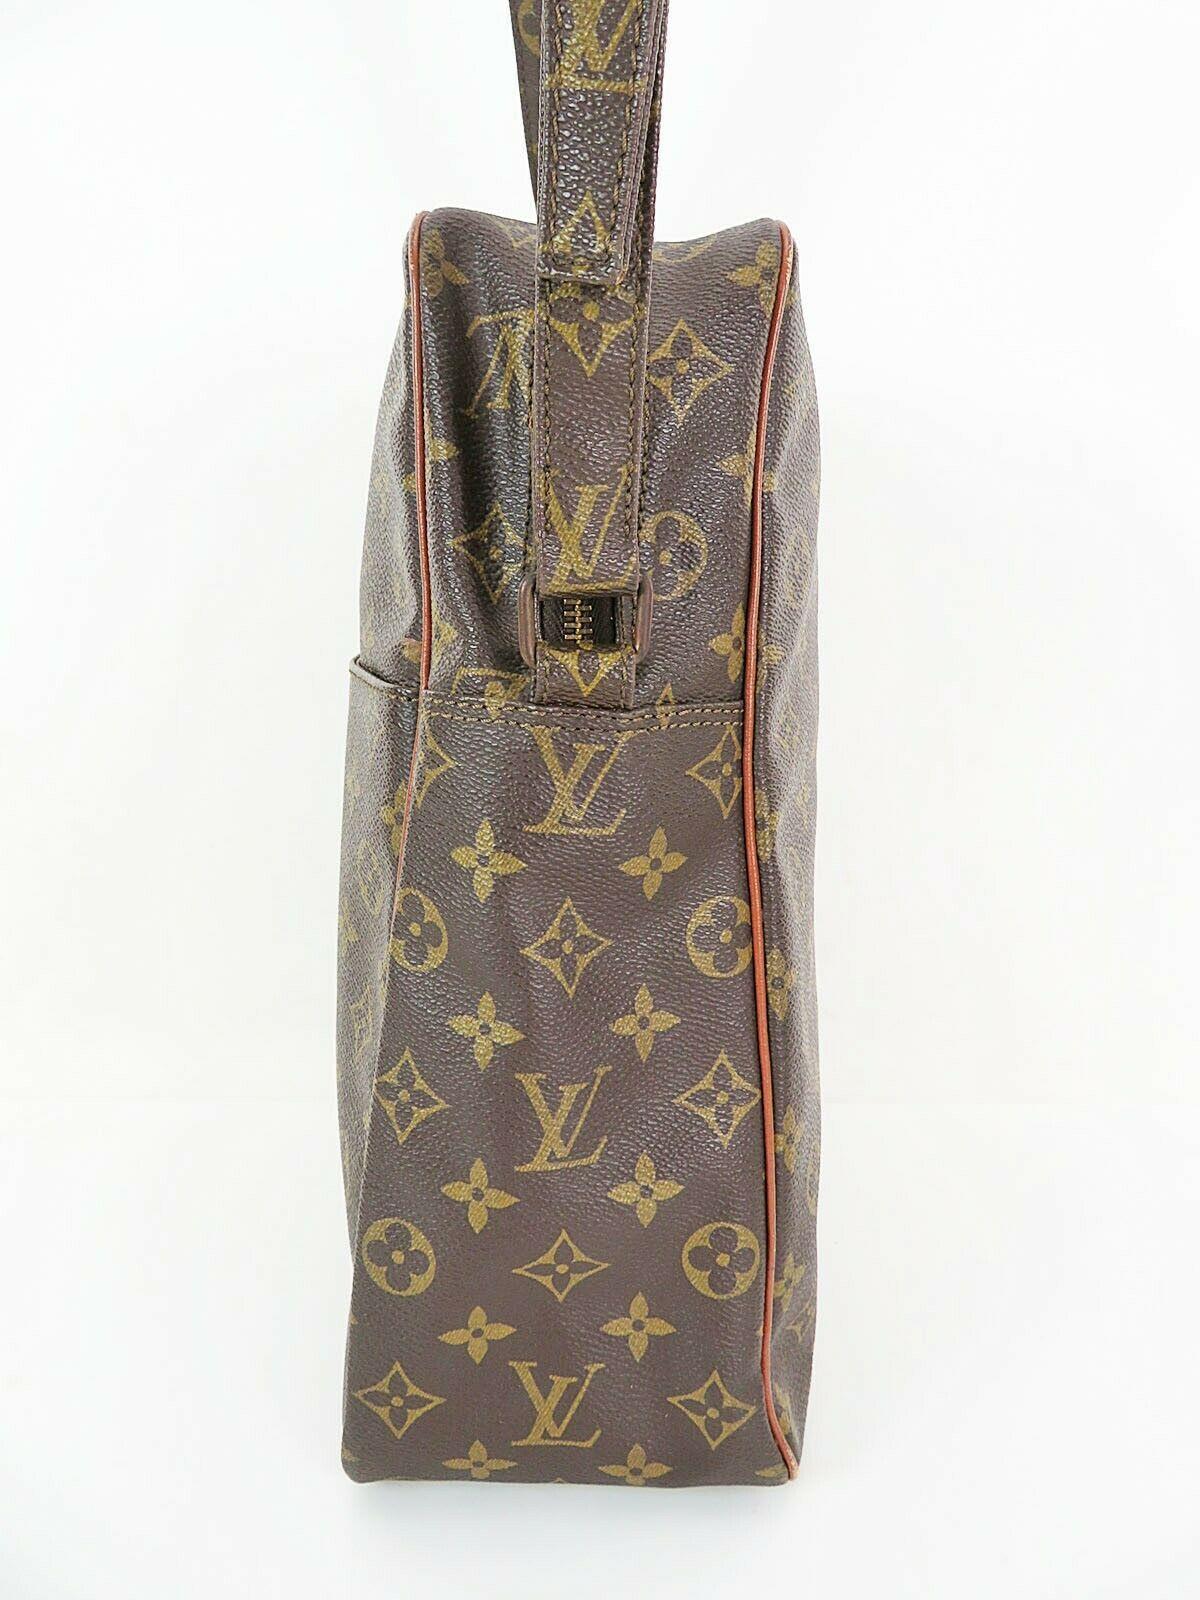 Auth VTG LOUIS VUITTON Marceau Monogram Messenger Shoulder Bag #34998 image 5